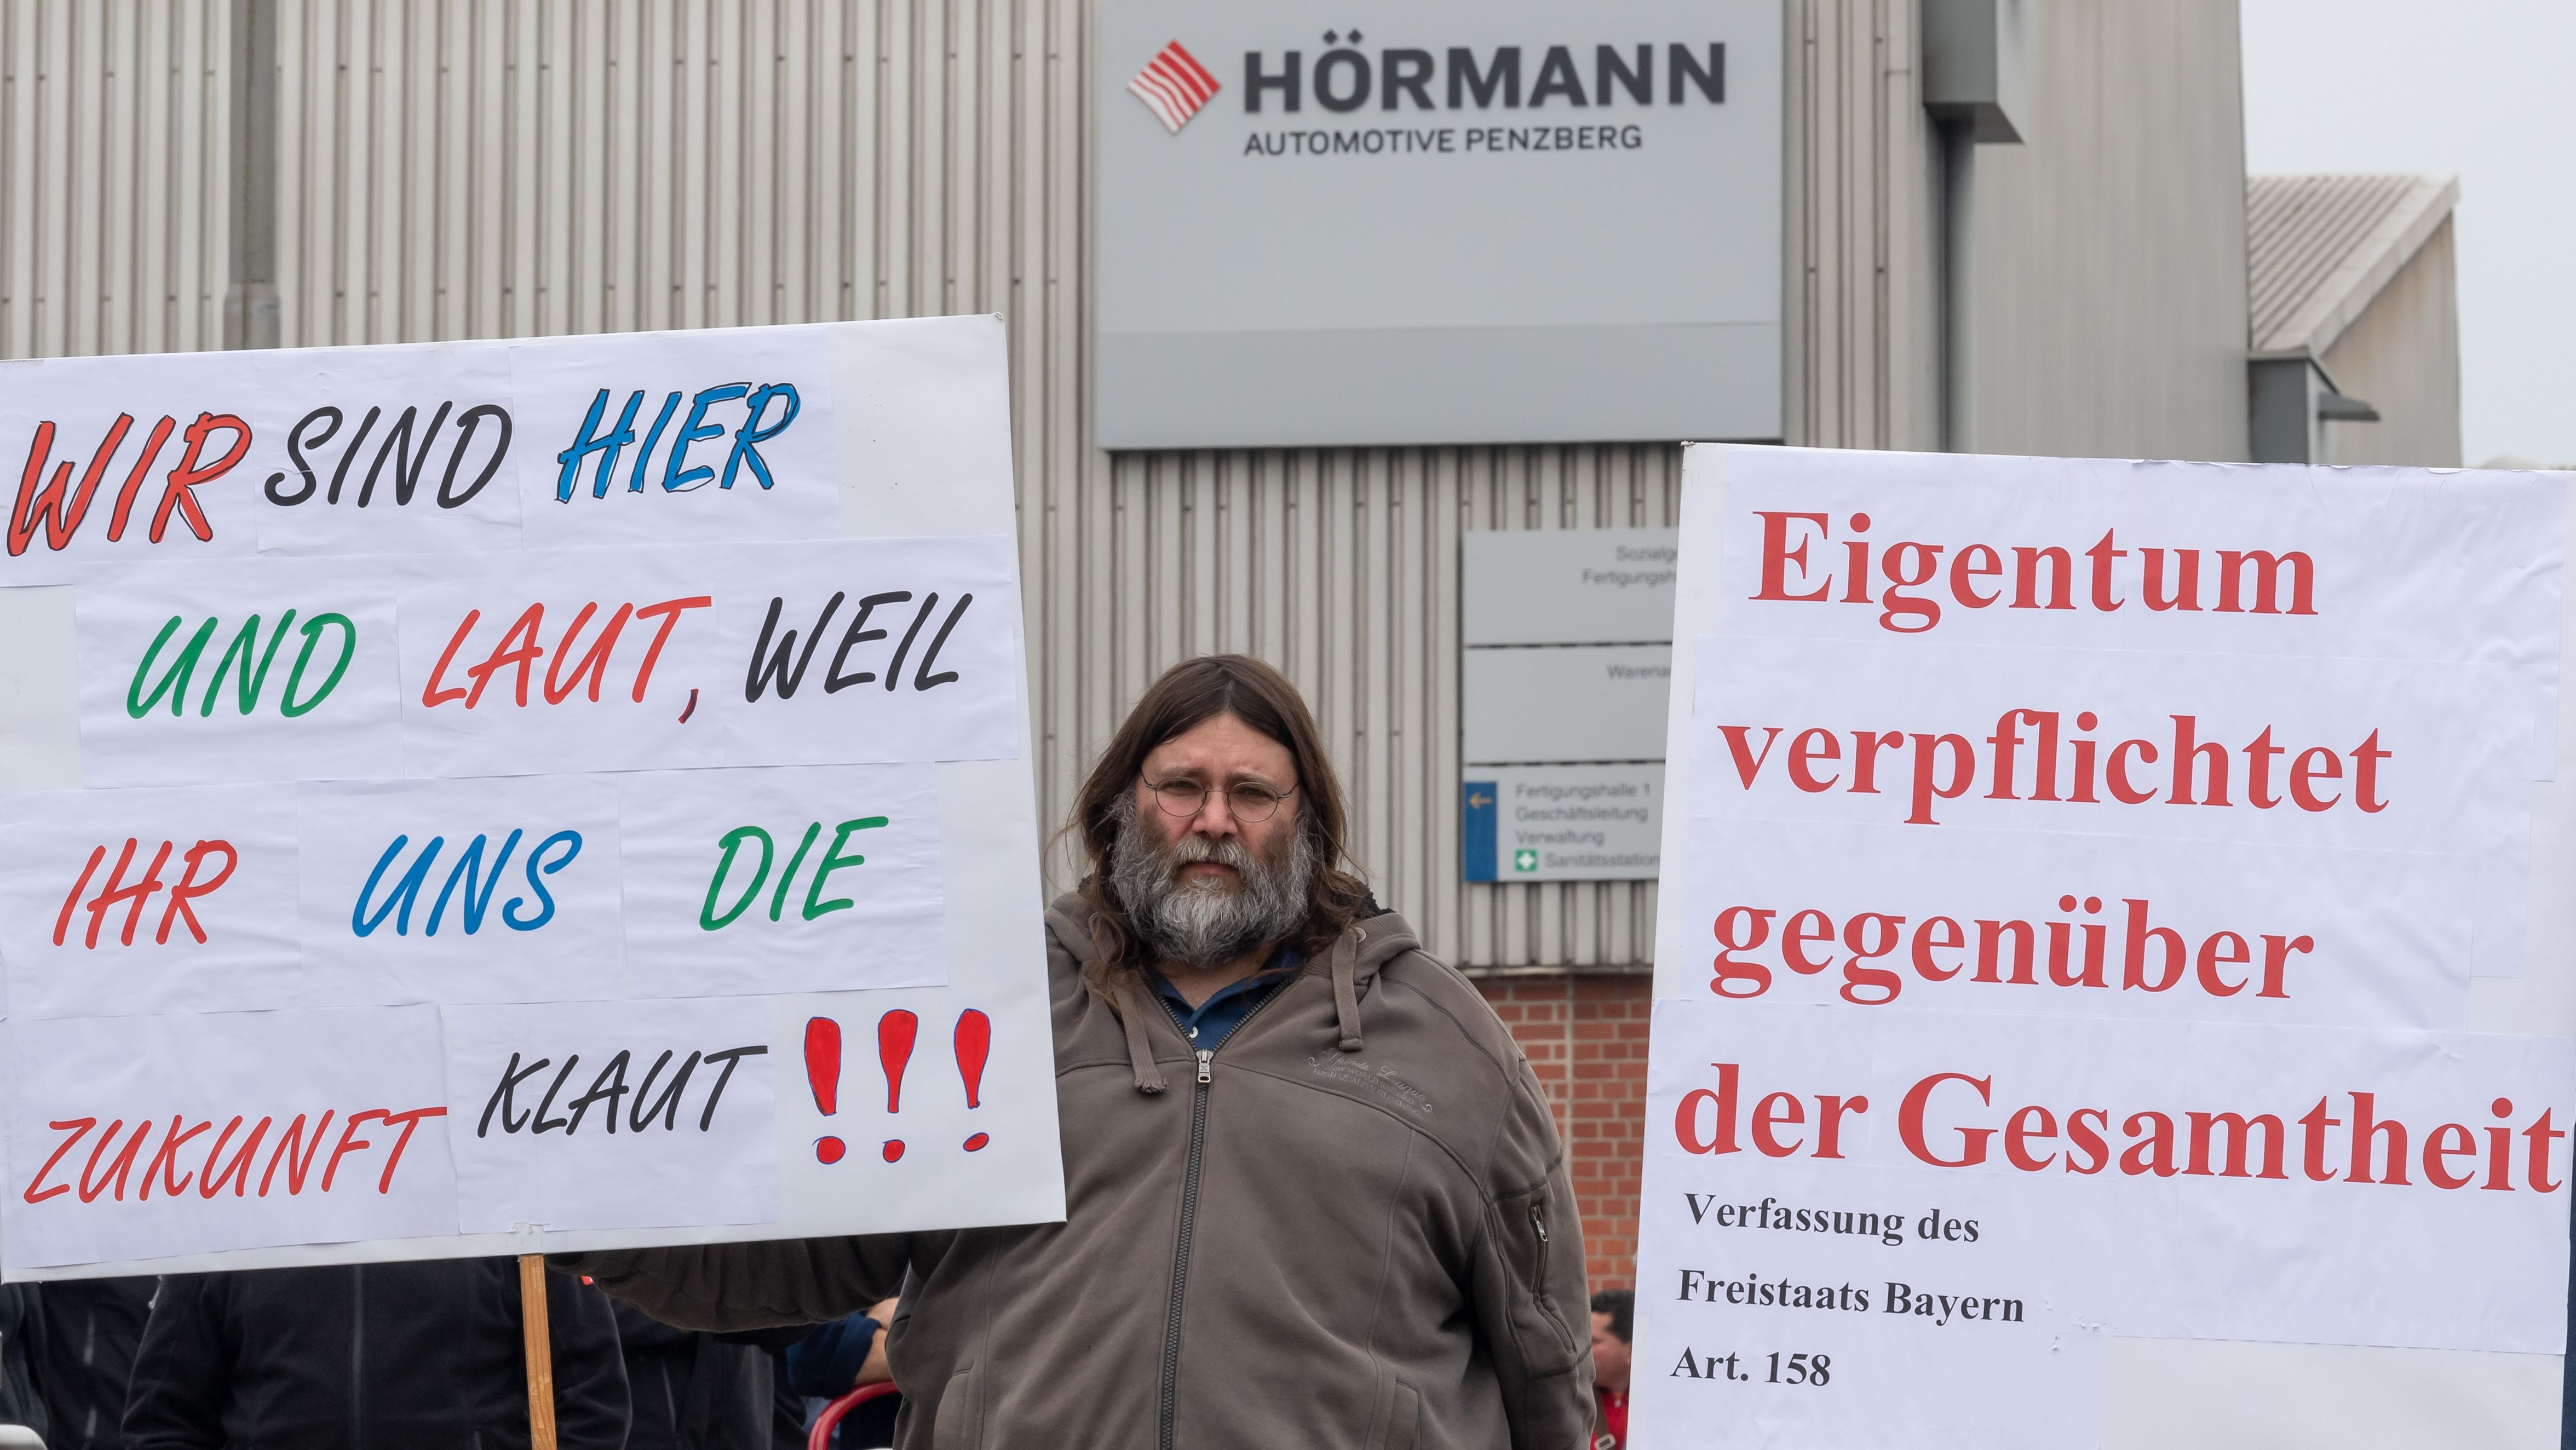 11.04.2019, Bayern, Penzberg: Mitarbeiter der Firma Hörmann - Automotive demonstrieren am Werkseingang mit Plakaten gegen die Schließung ihres Standortes. Das Werk Penzberg von Automotive Hörmann, der größte Geschäftsbereich der Hörmann Industries, soll bis zum 30. Juni 2020 geschlossen werden.